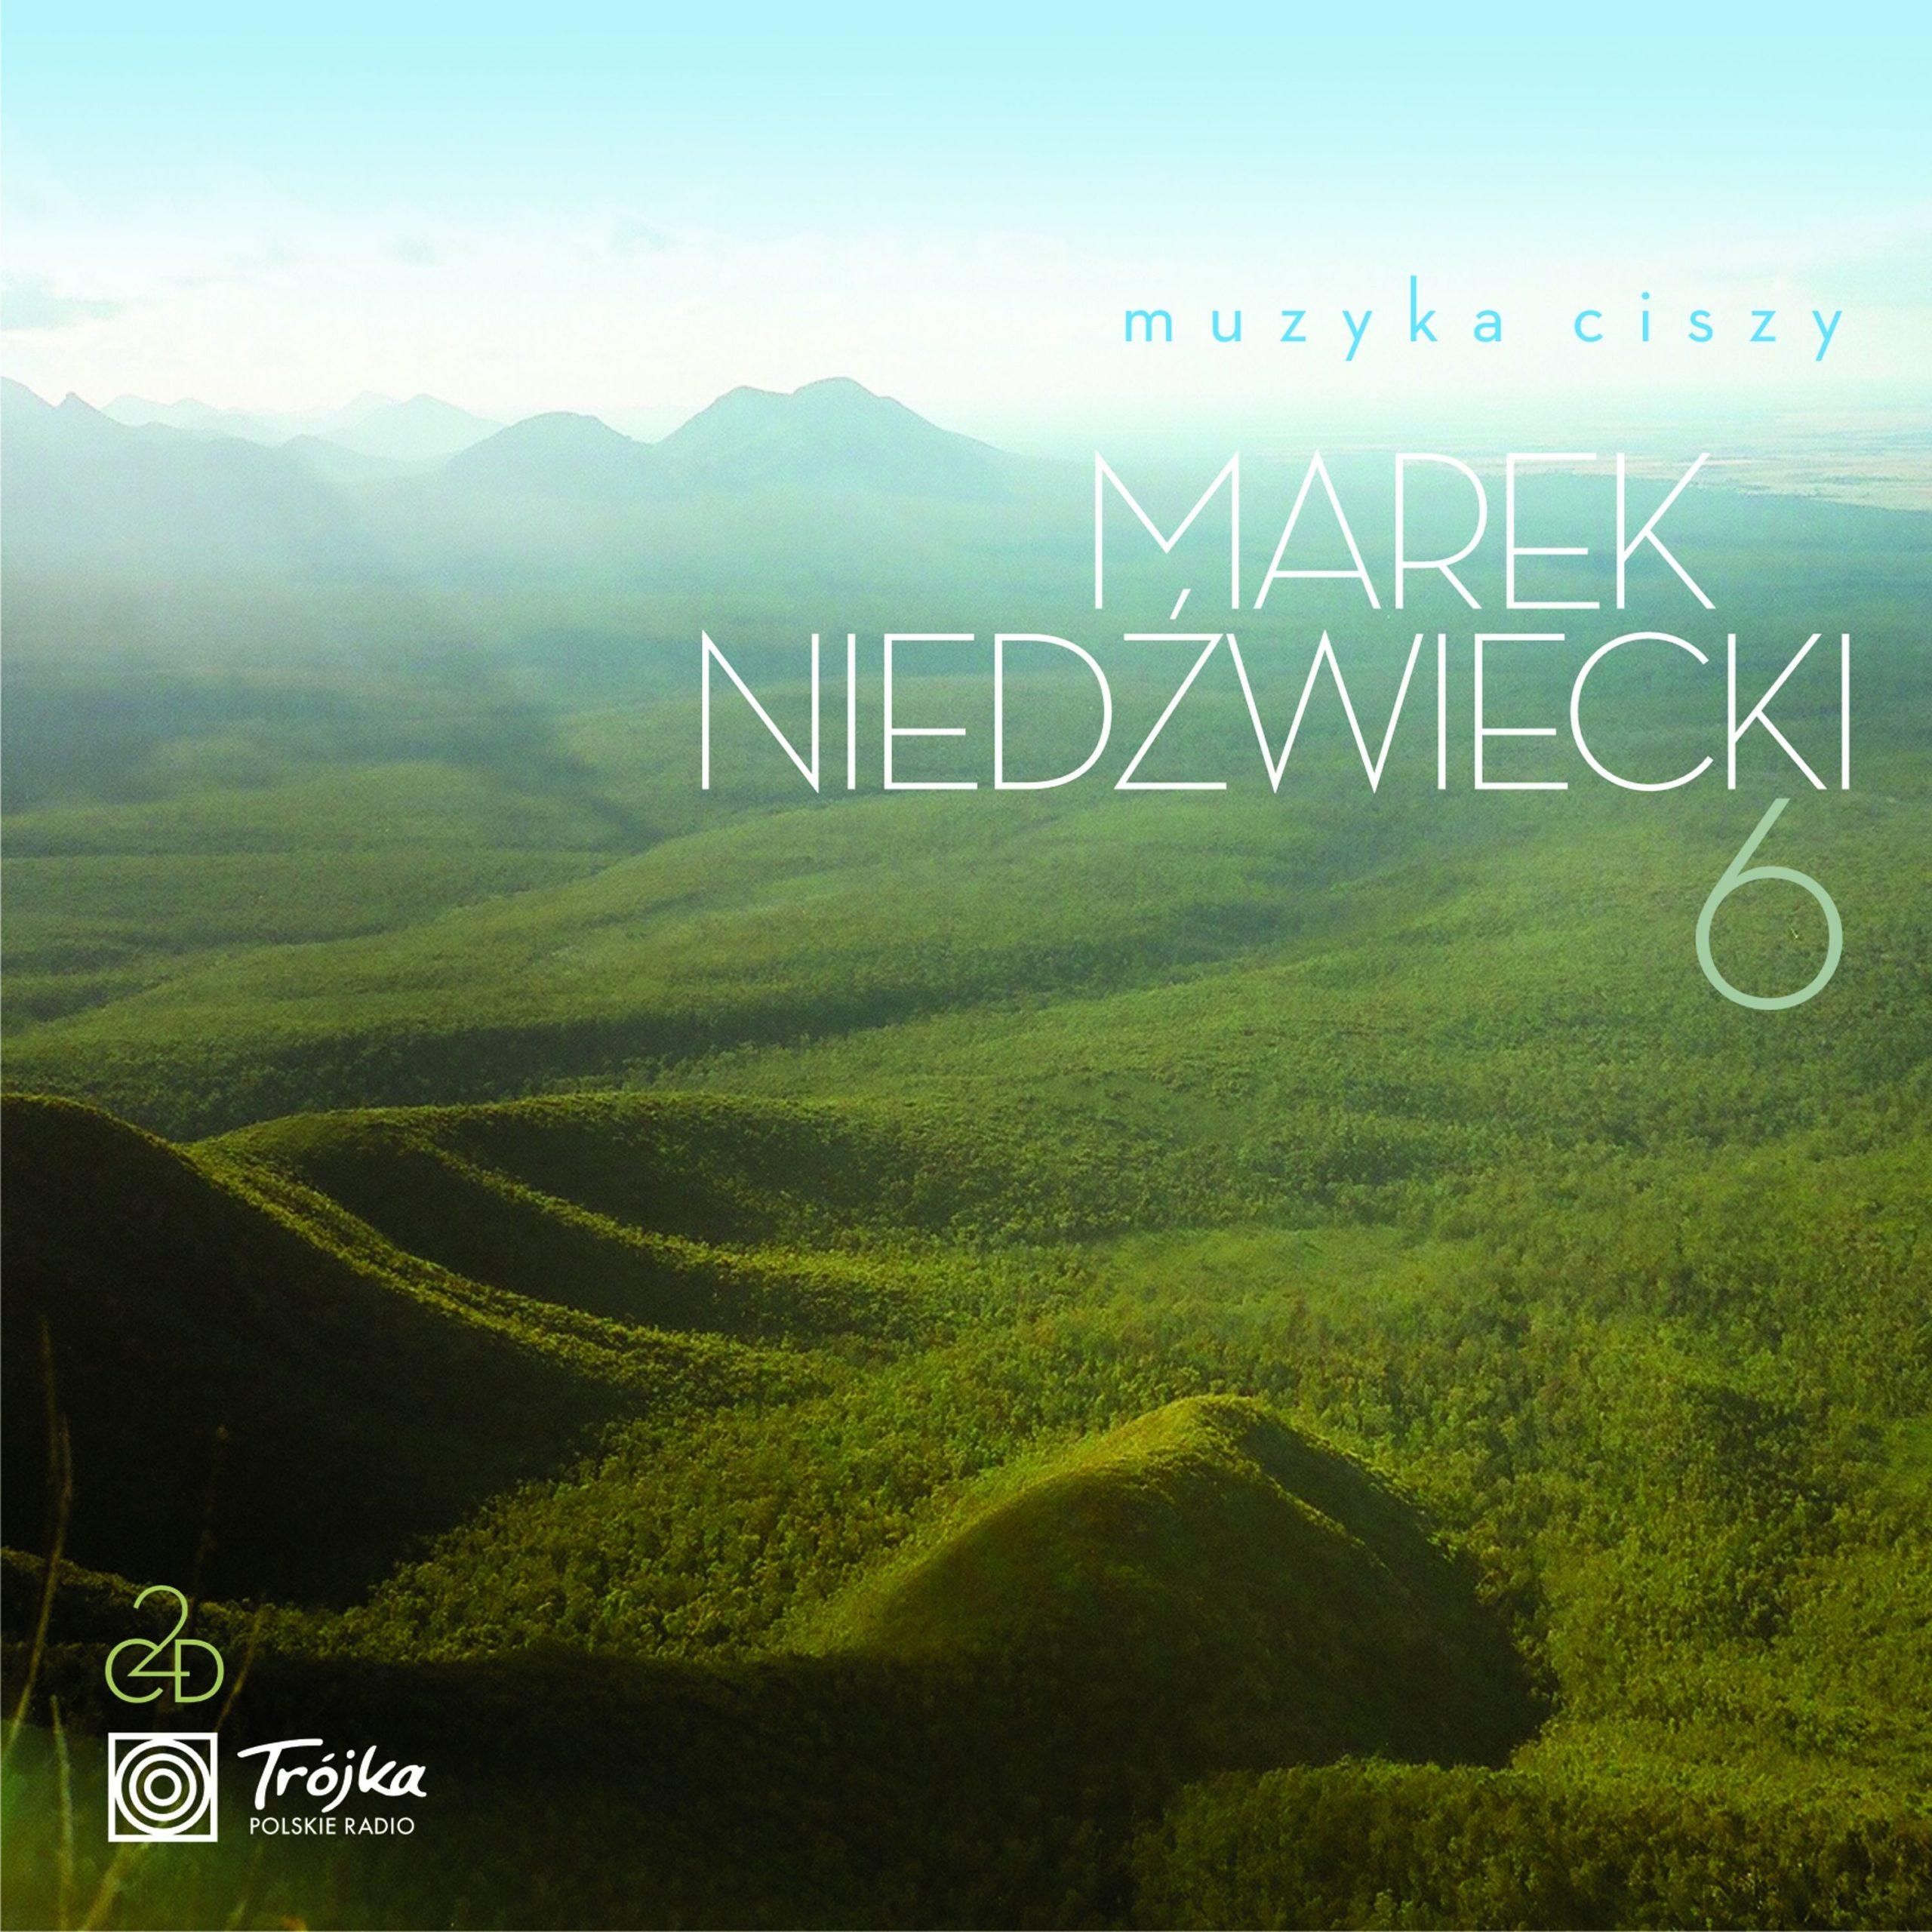 Muzyka Ciszy 6 (przedstawia Marek Niedźwiecki)